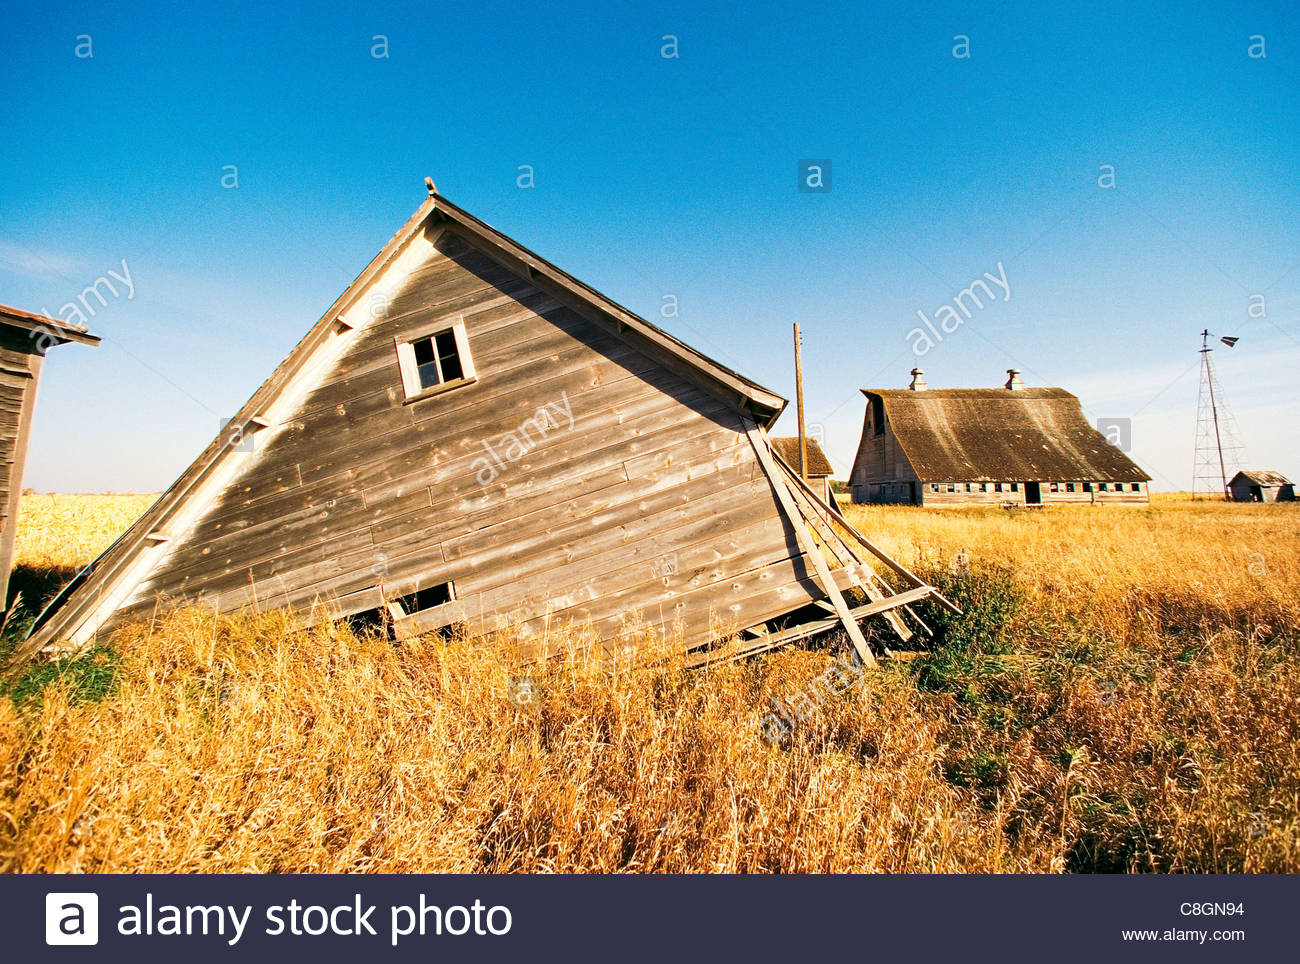 Une ferme se détériore lentement abandonner au milieu d'un champ de blé. Photo Stock